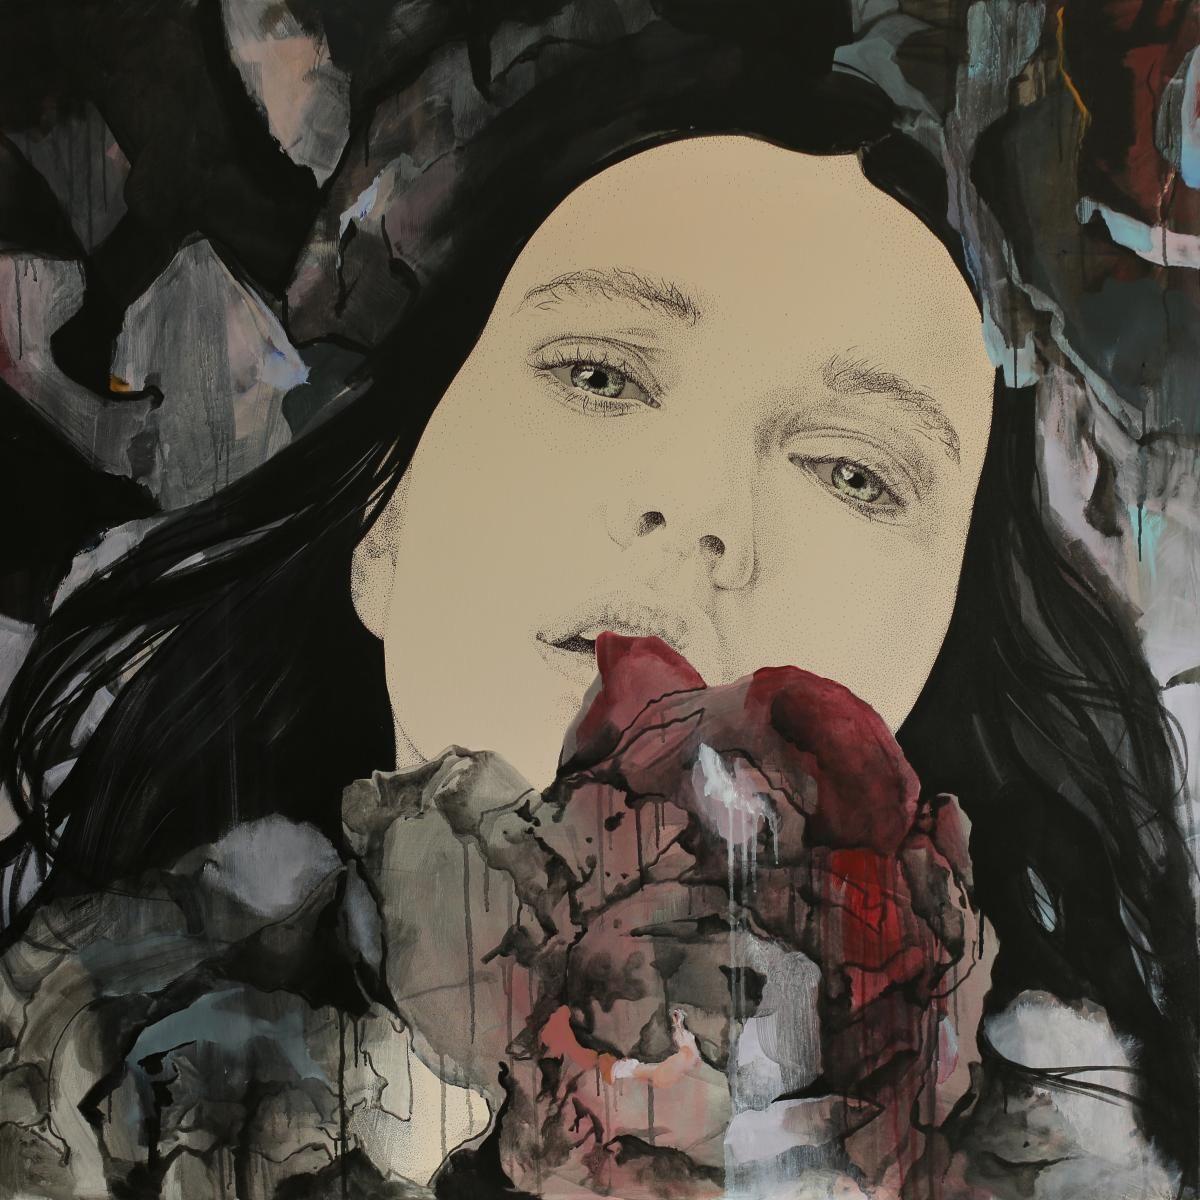 Timisoara, Romania artist Alina Slimovschi #artistaday #artistoftheday #Romania #acrylicpainting #fineart #art #artist